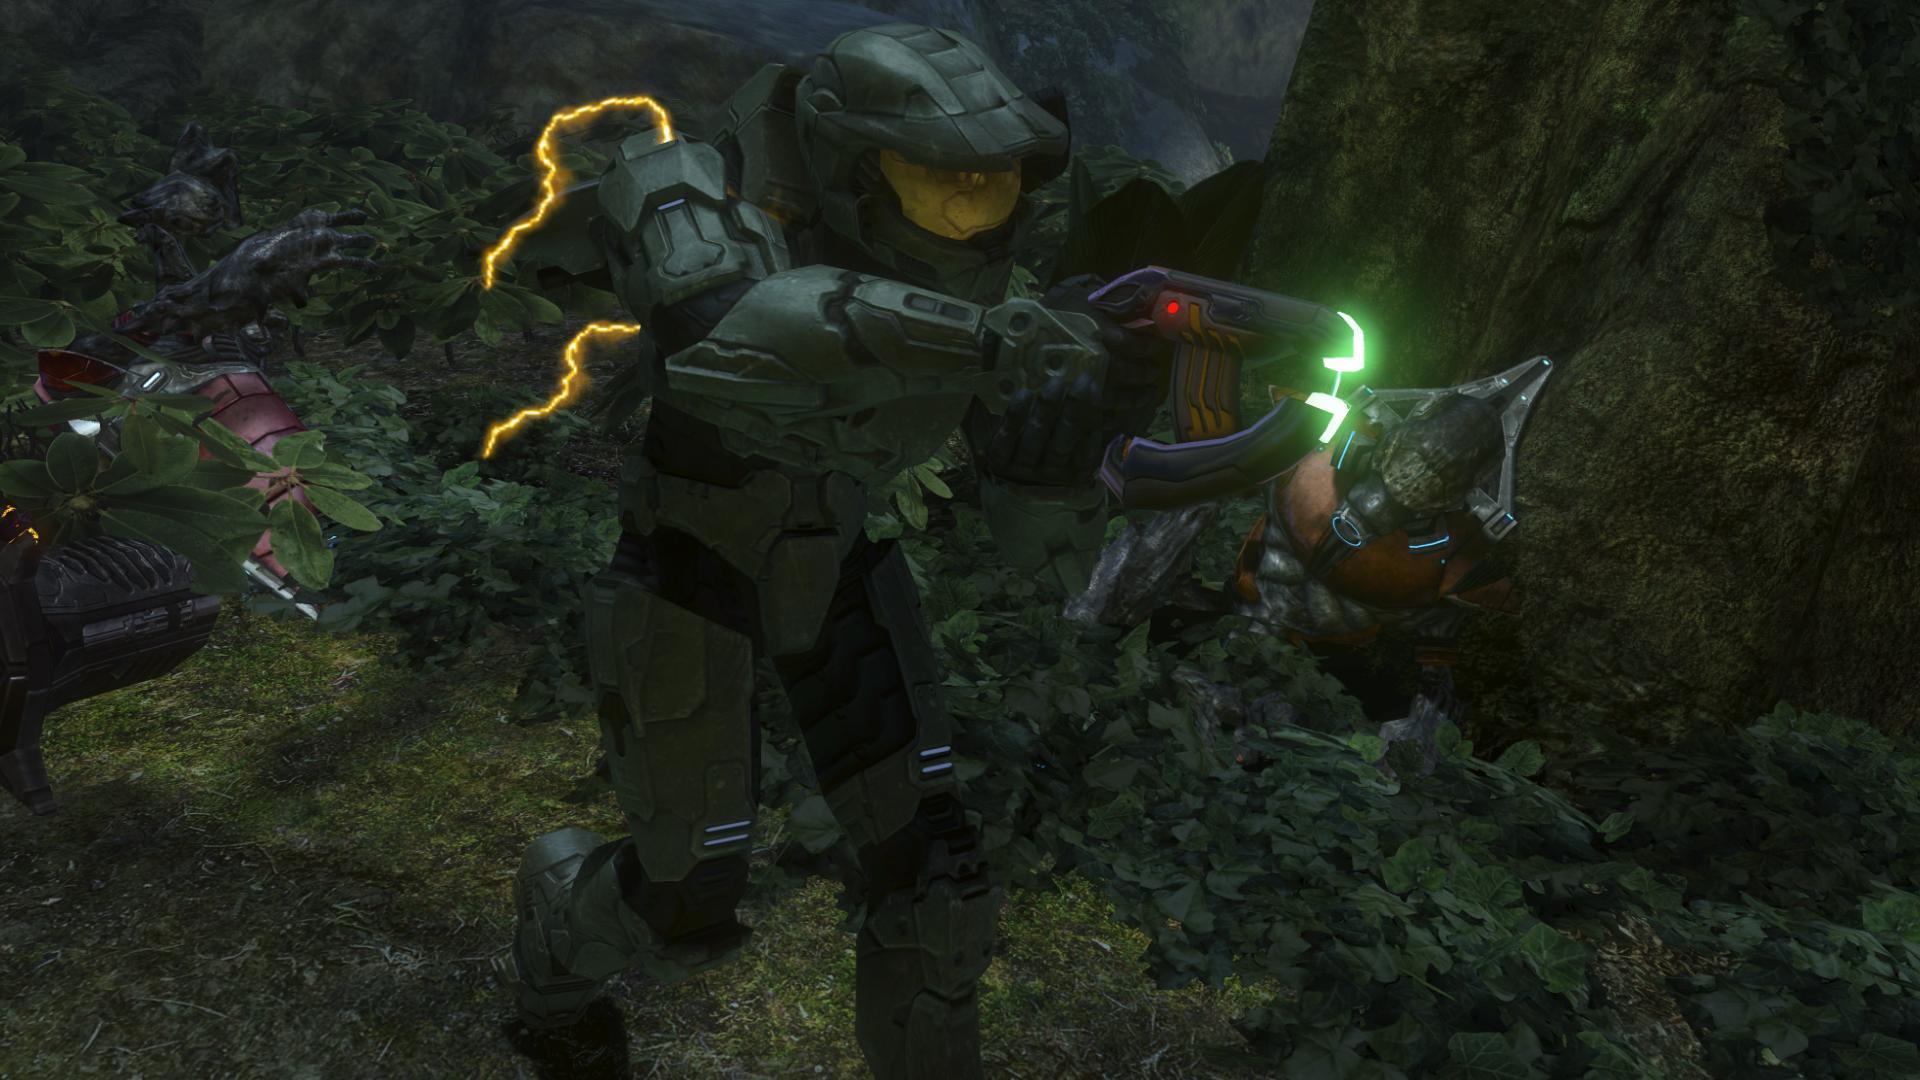 1520618759 bd16686a4b o Halo 3: Sparks